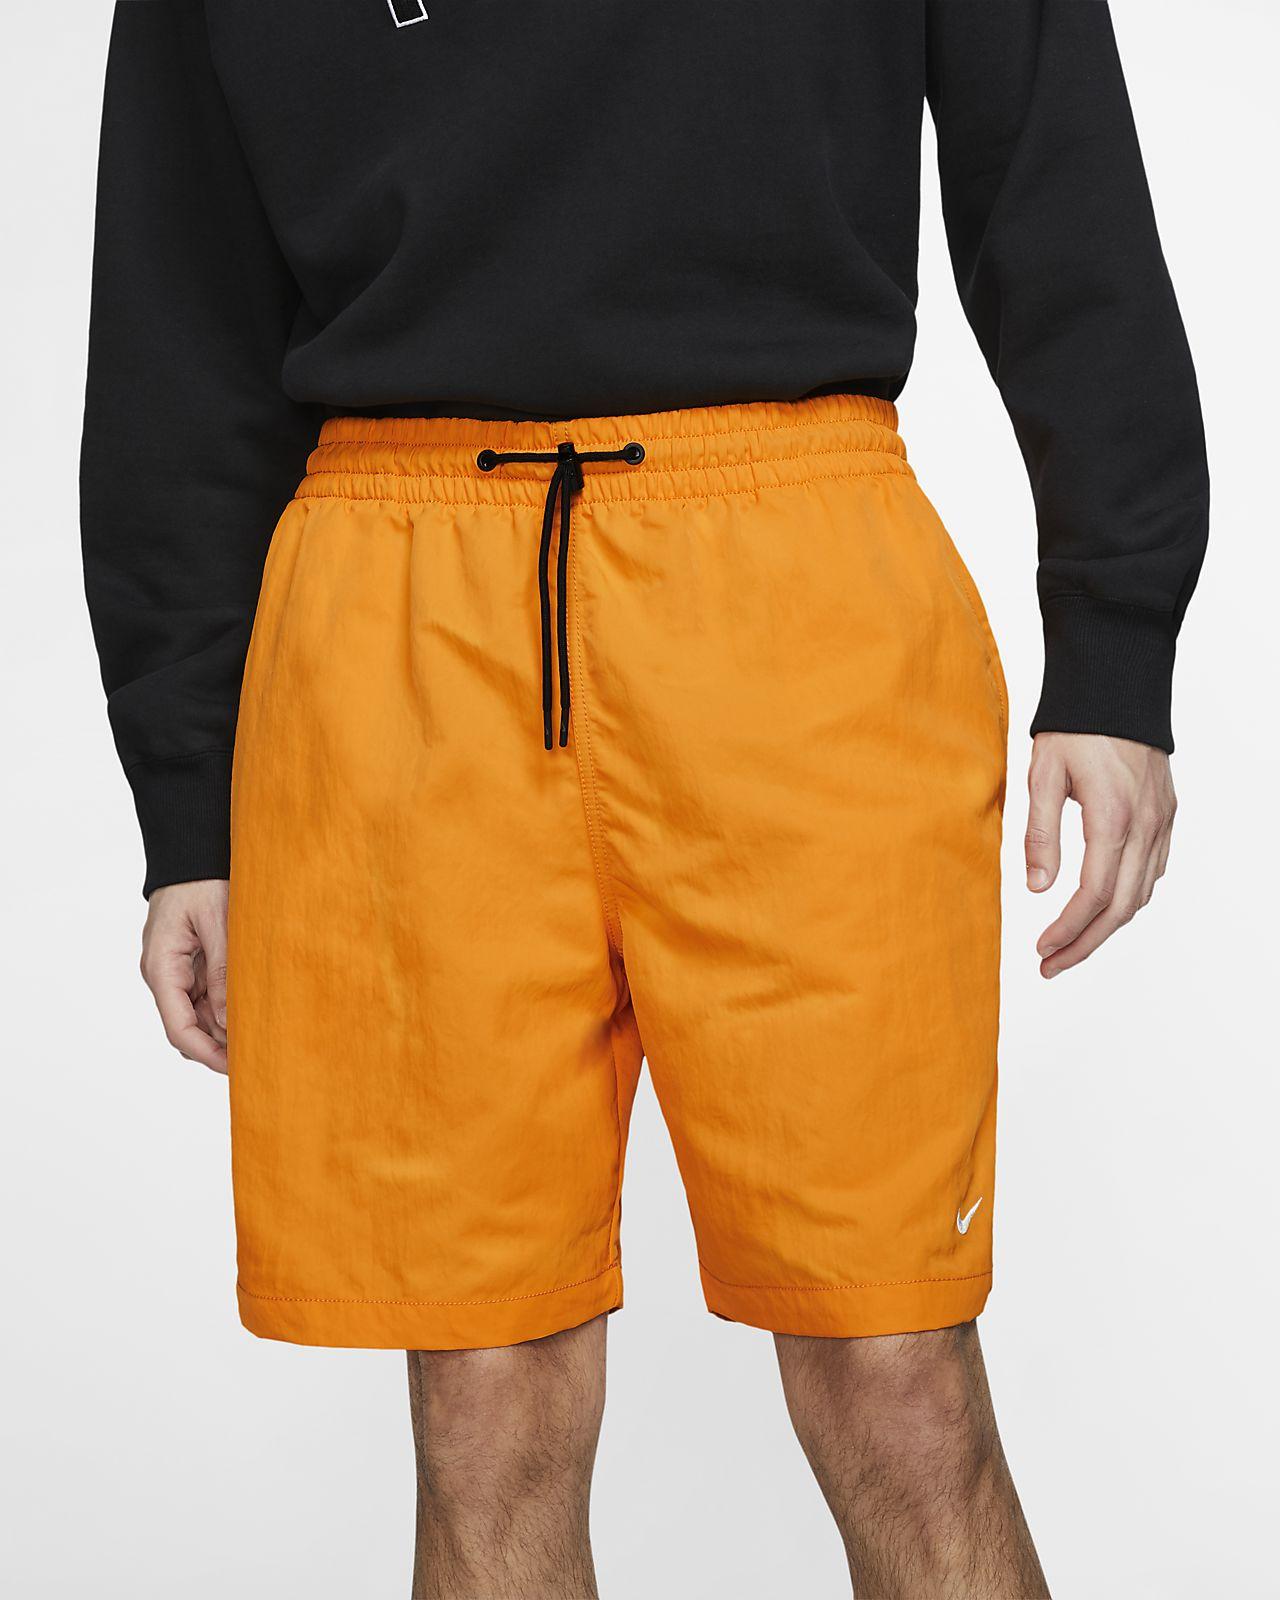 Shorts NikeLab Collection - Uomo